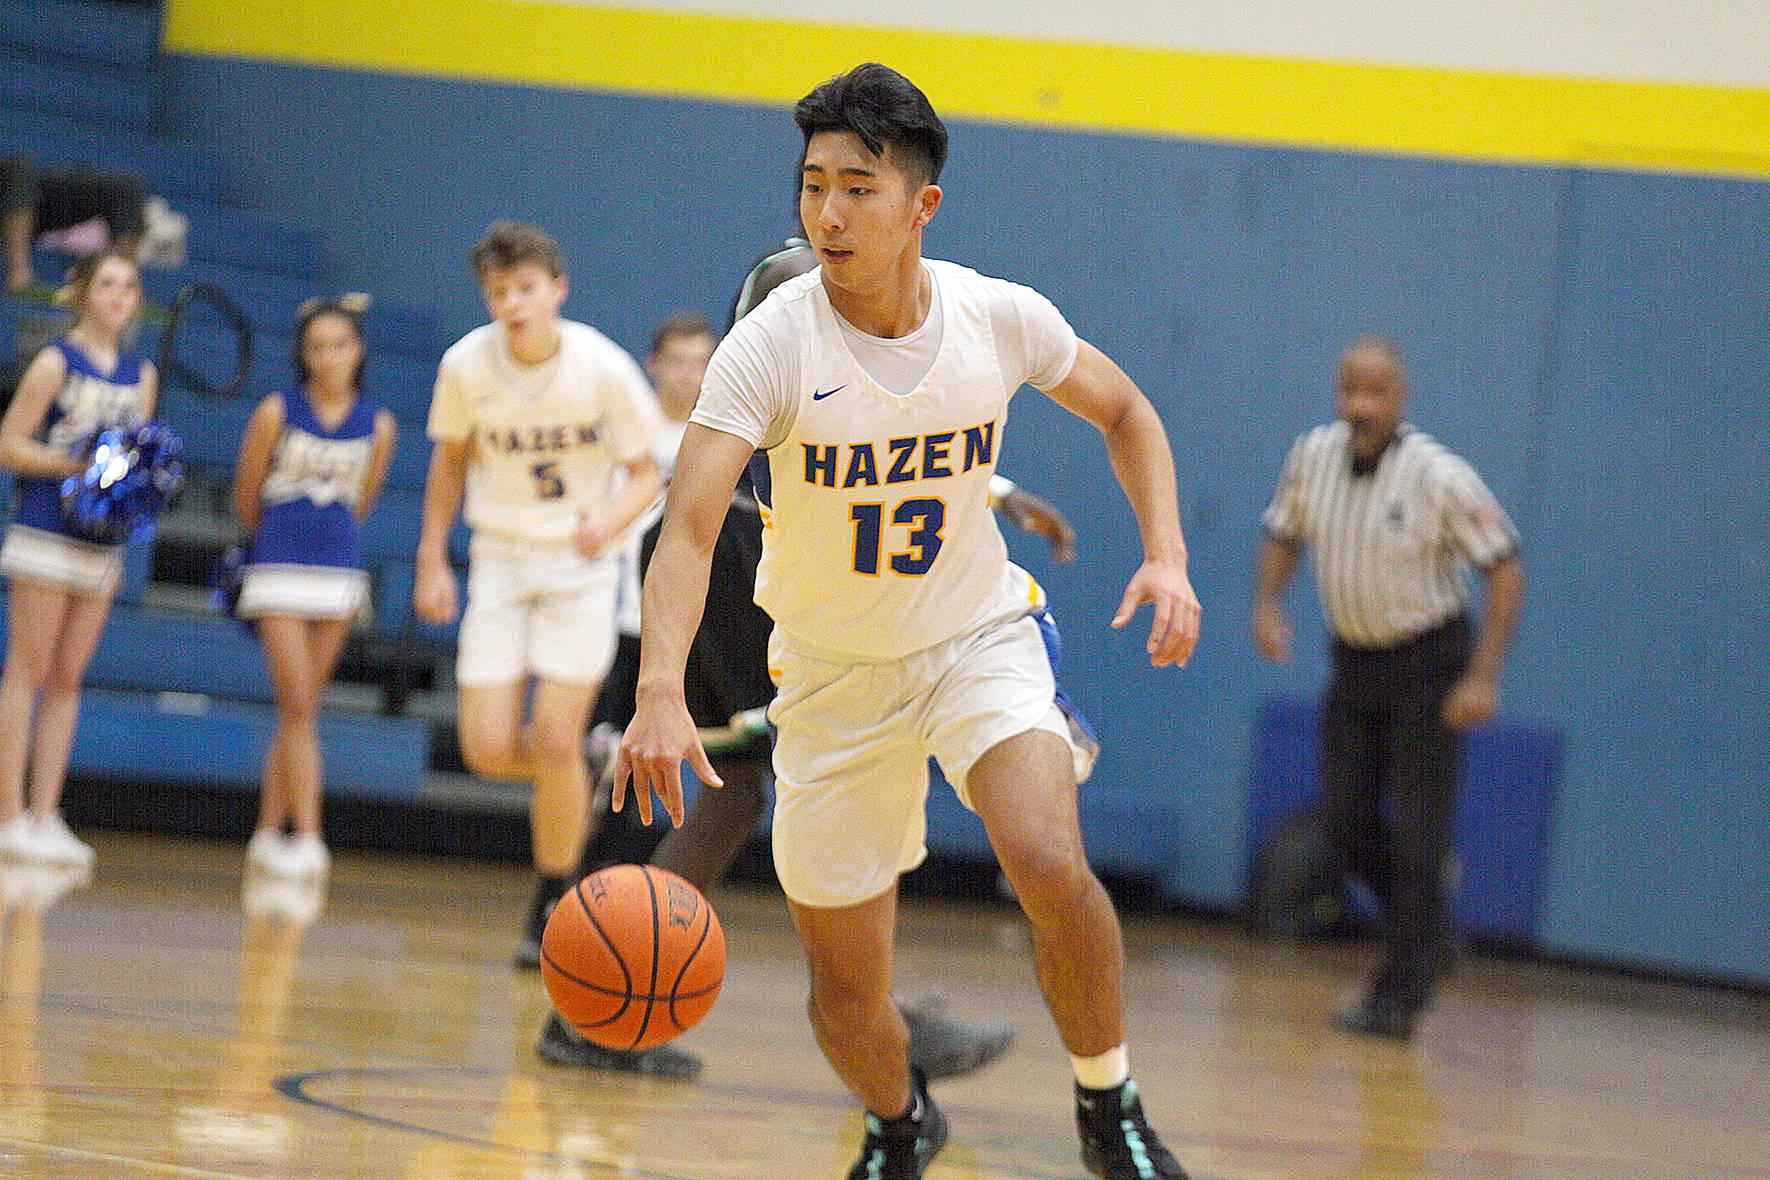 Kentwood serves Hazen basketball a loss